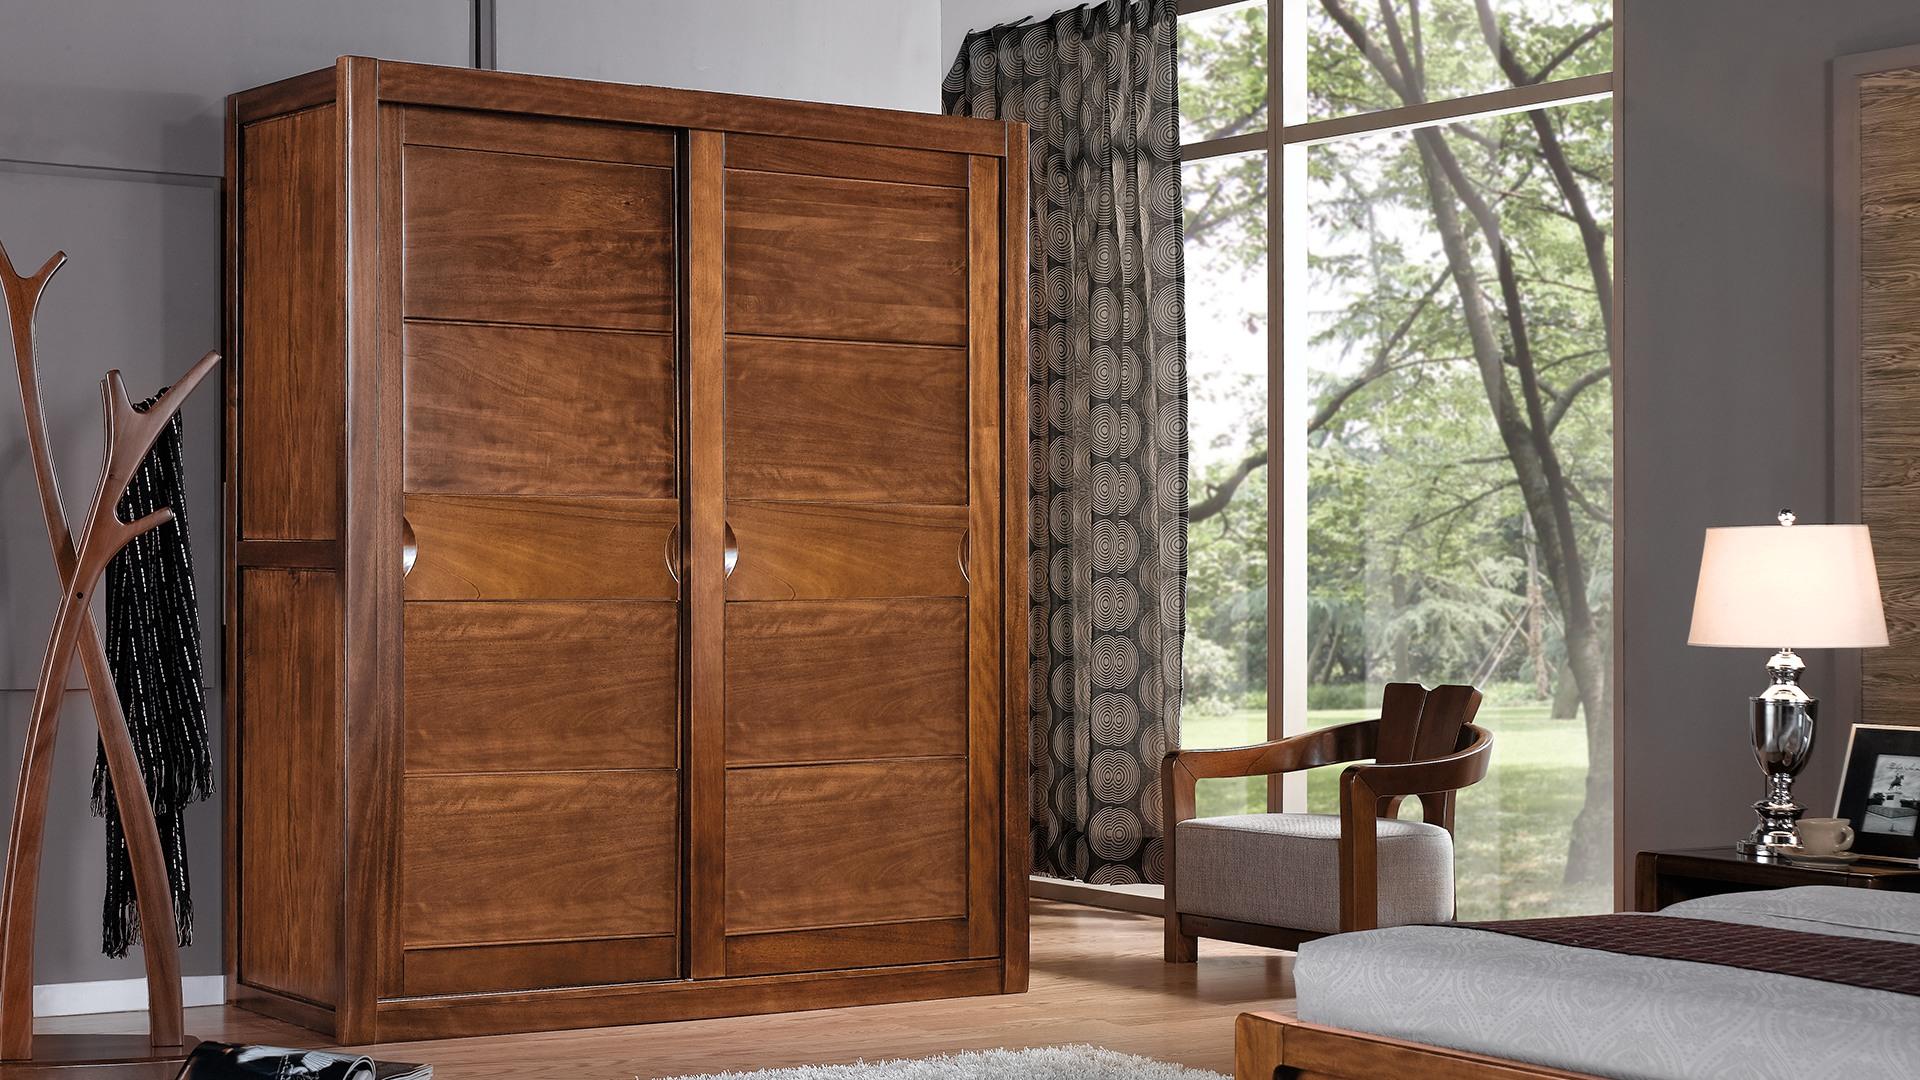 家具 1920_1080